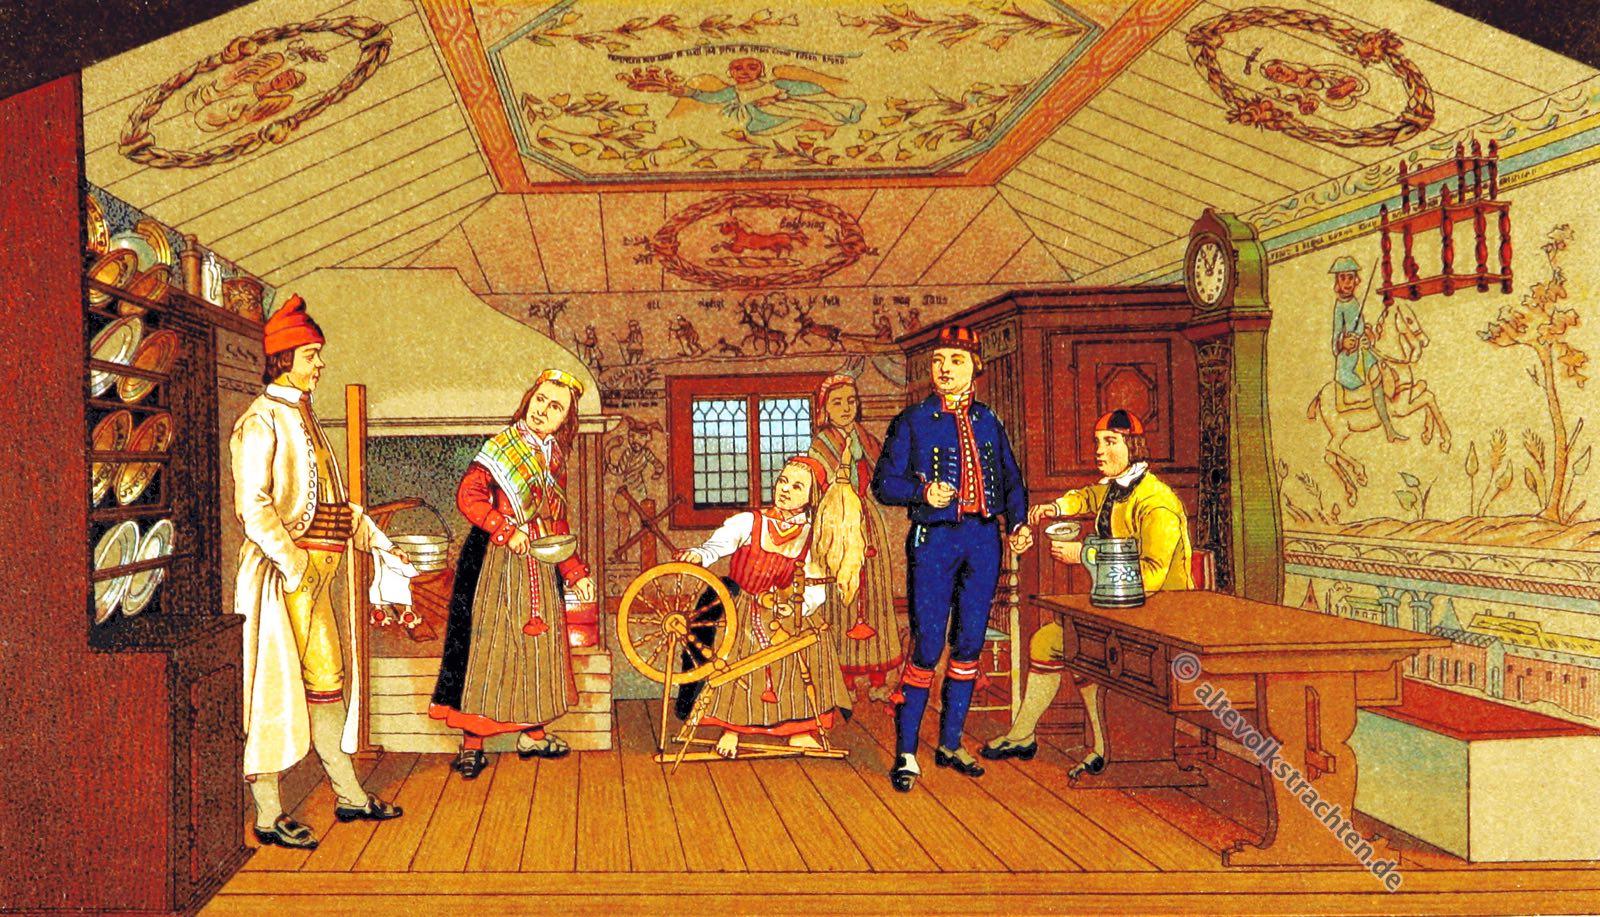 Bauernstube, Volkskostüme, Historische Volkstrachten, Skandinavien, Trachten, Delsbo, Schweden, Hälsingland, Helsingland